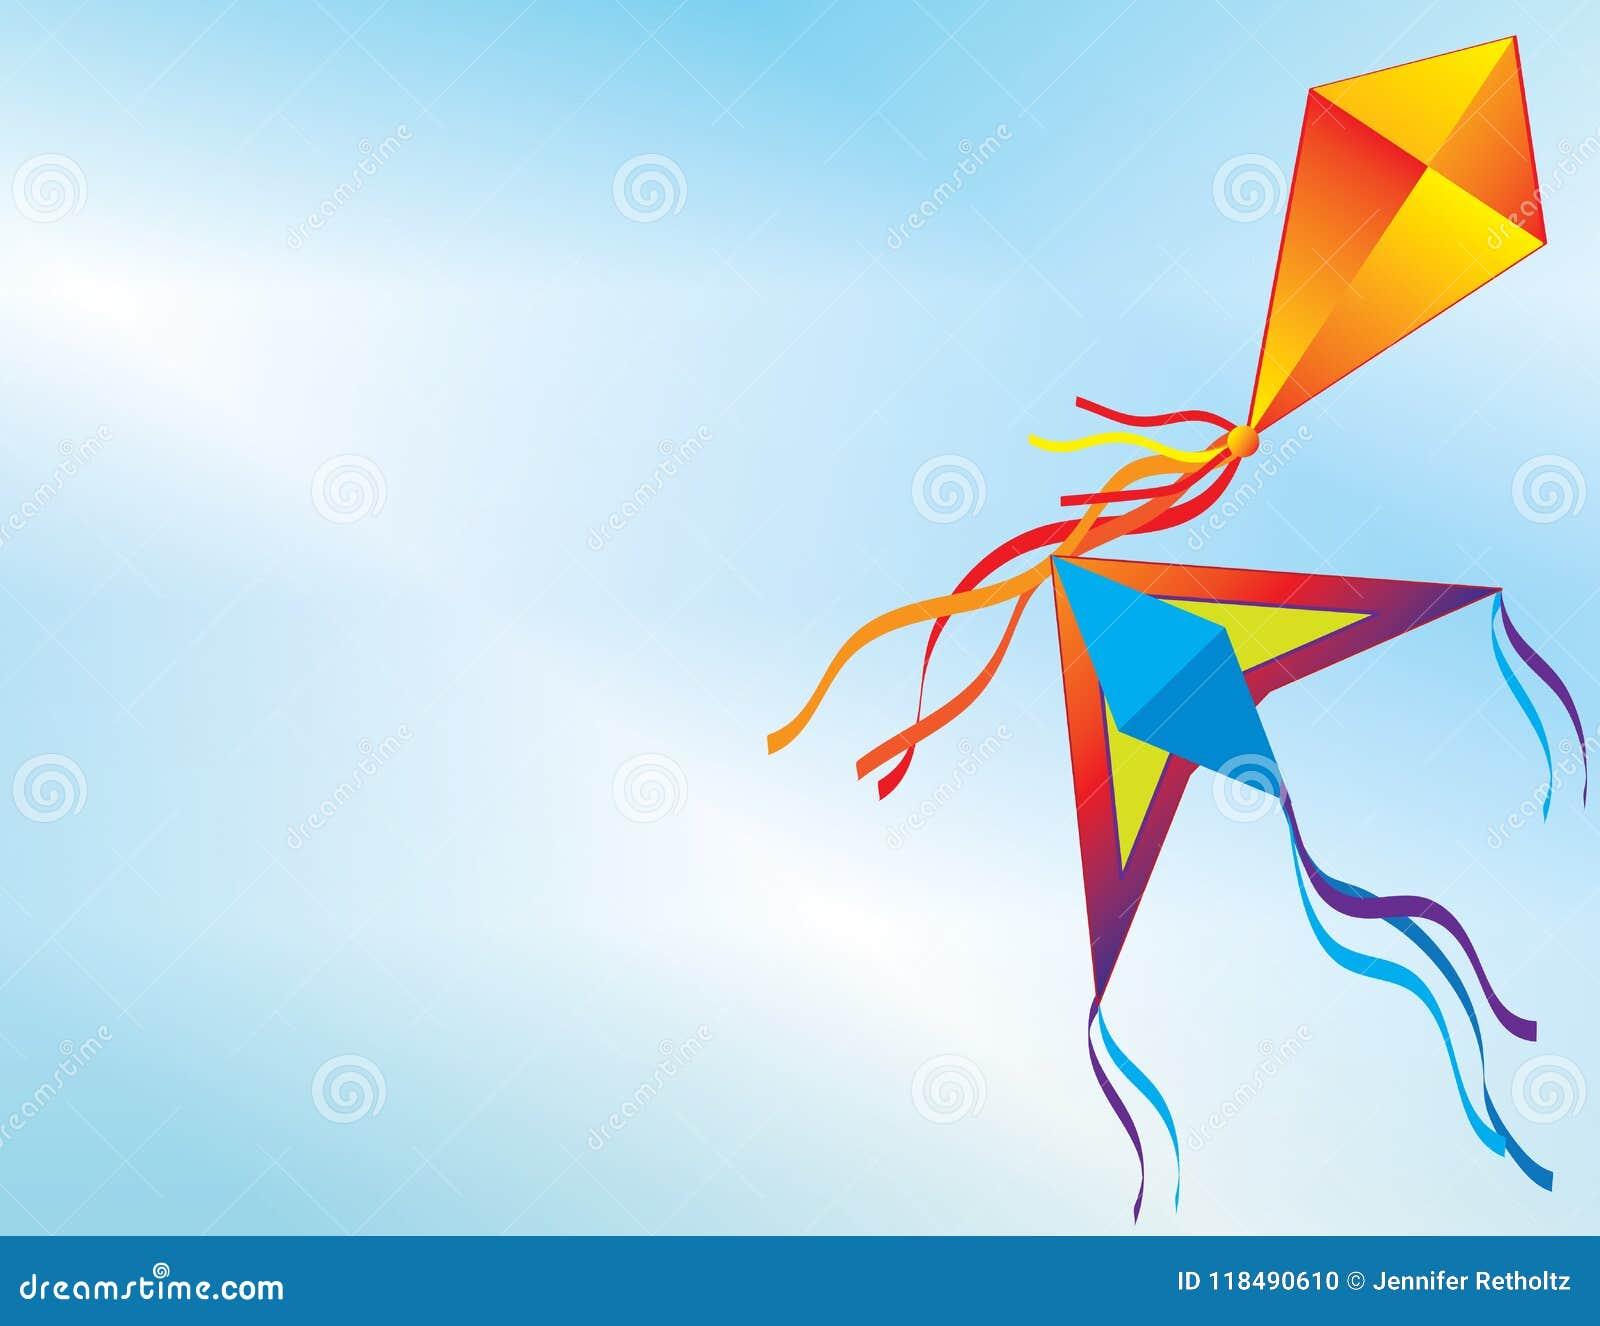 Cerfs-volants colorés volant dans le ciel bleu